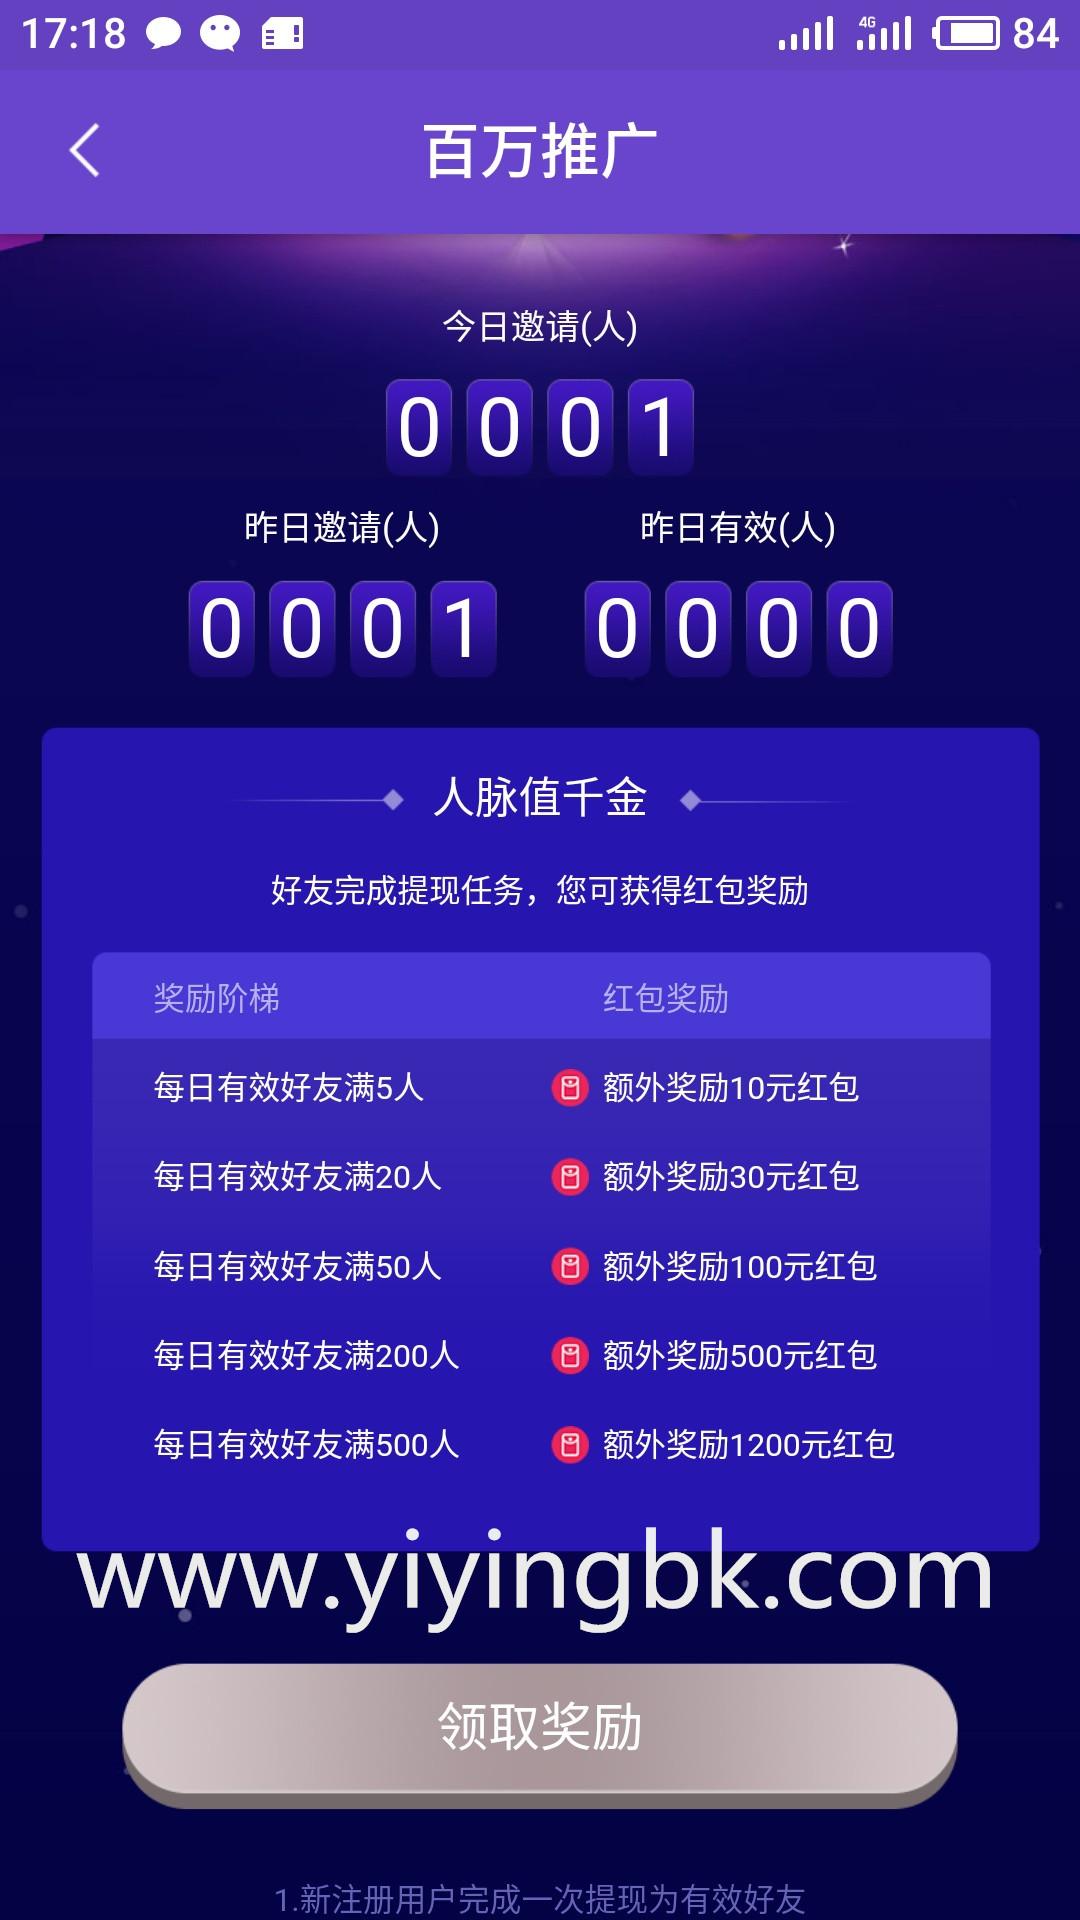 百万推广,免费做代理手游赚钱。www.yiyingbk.com